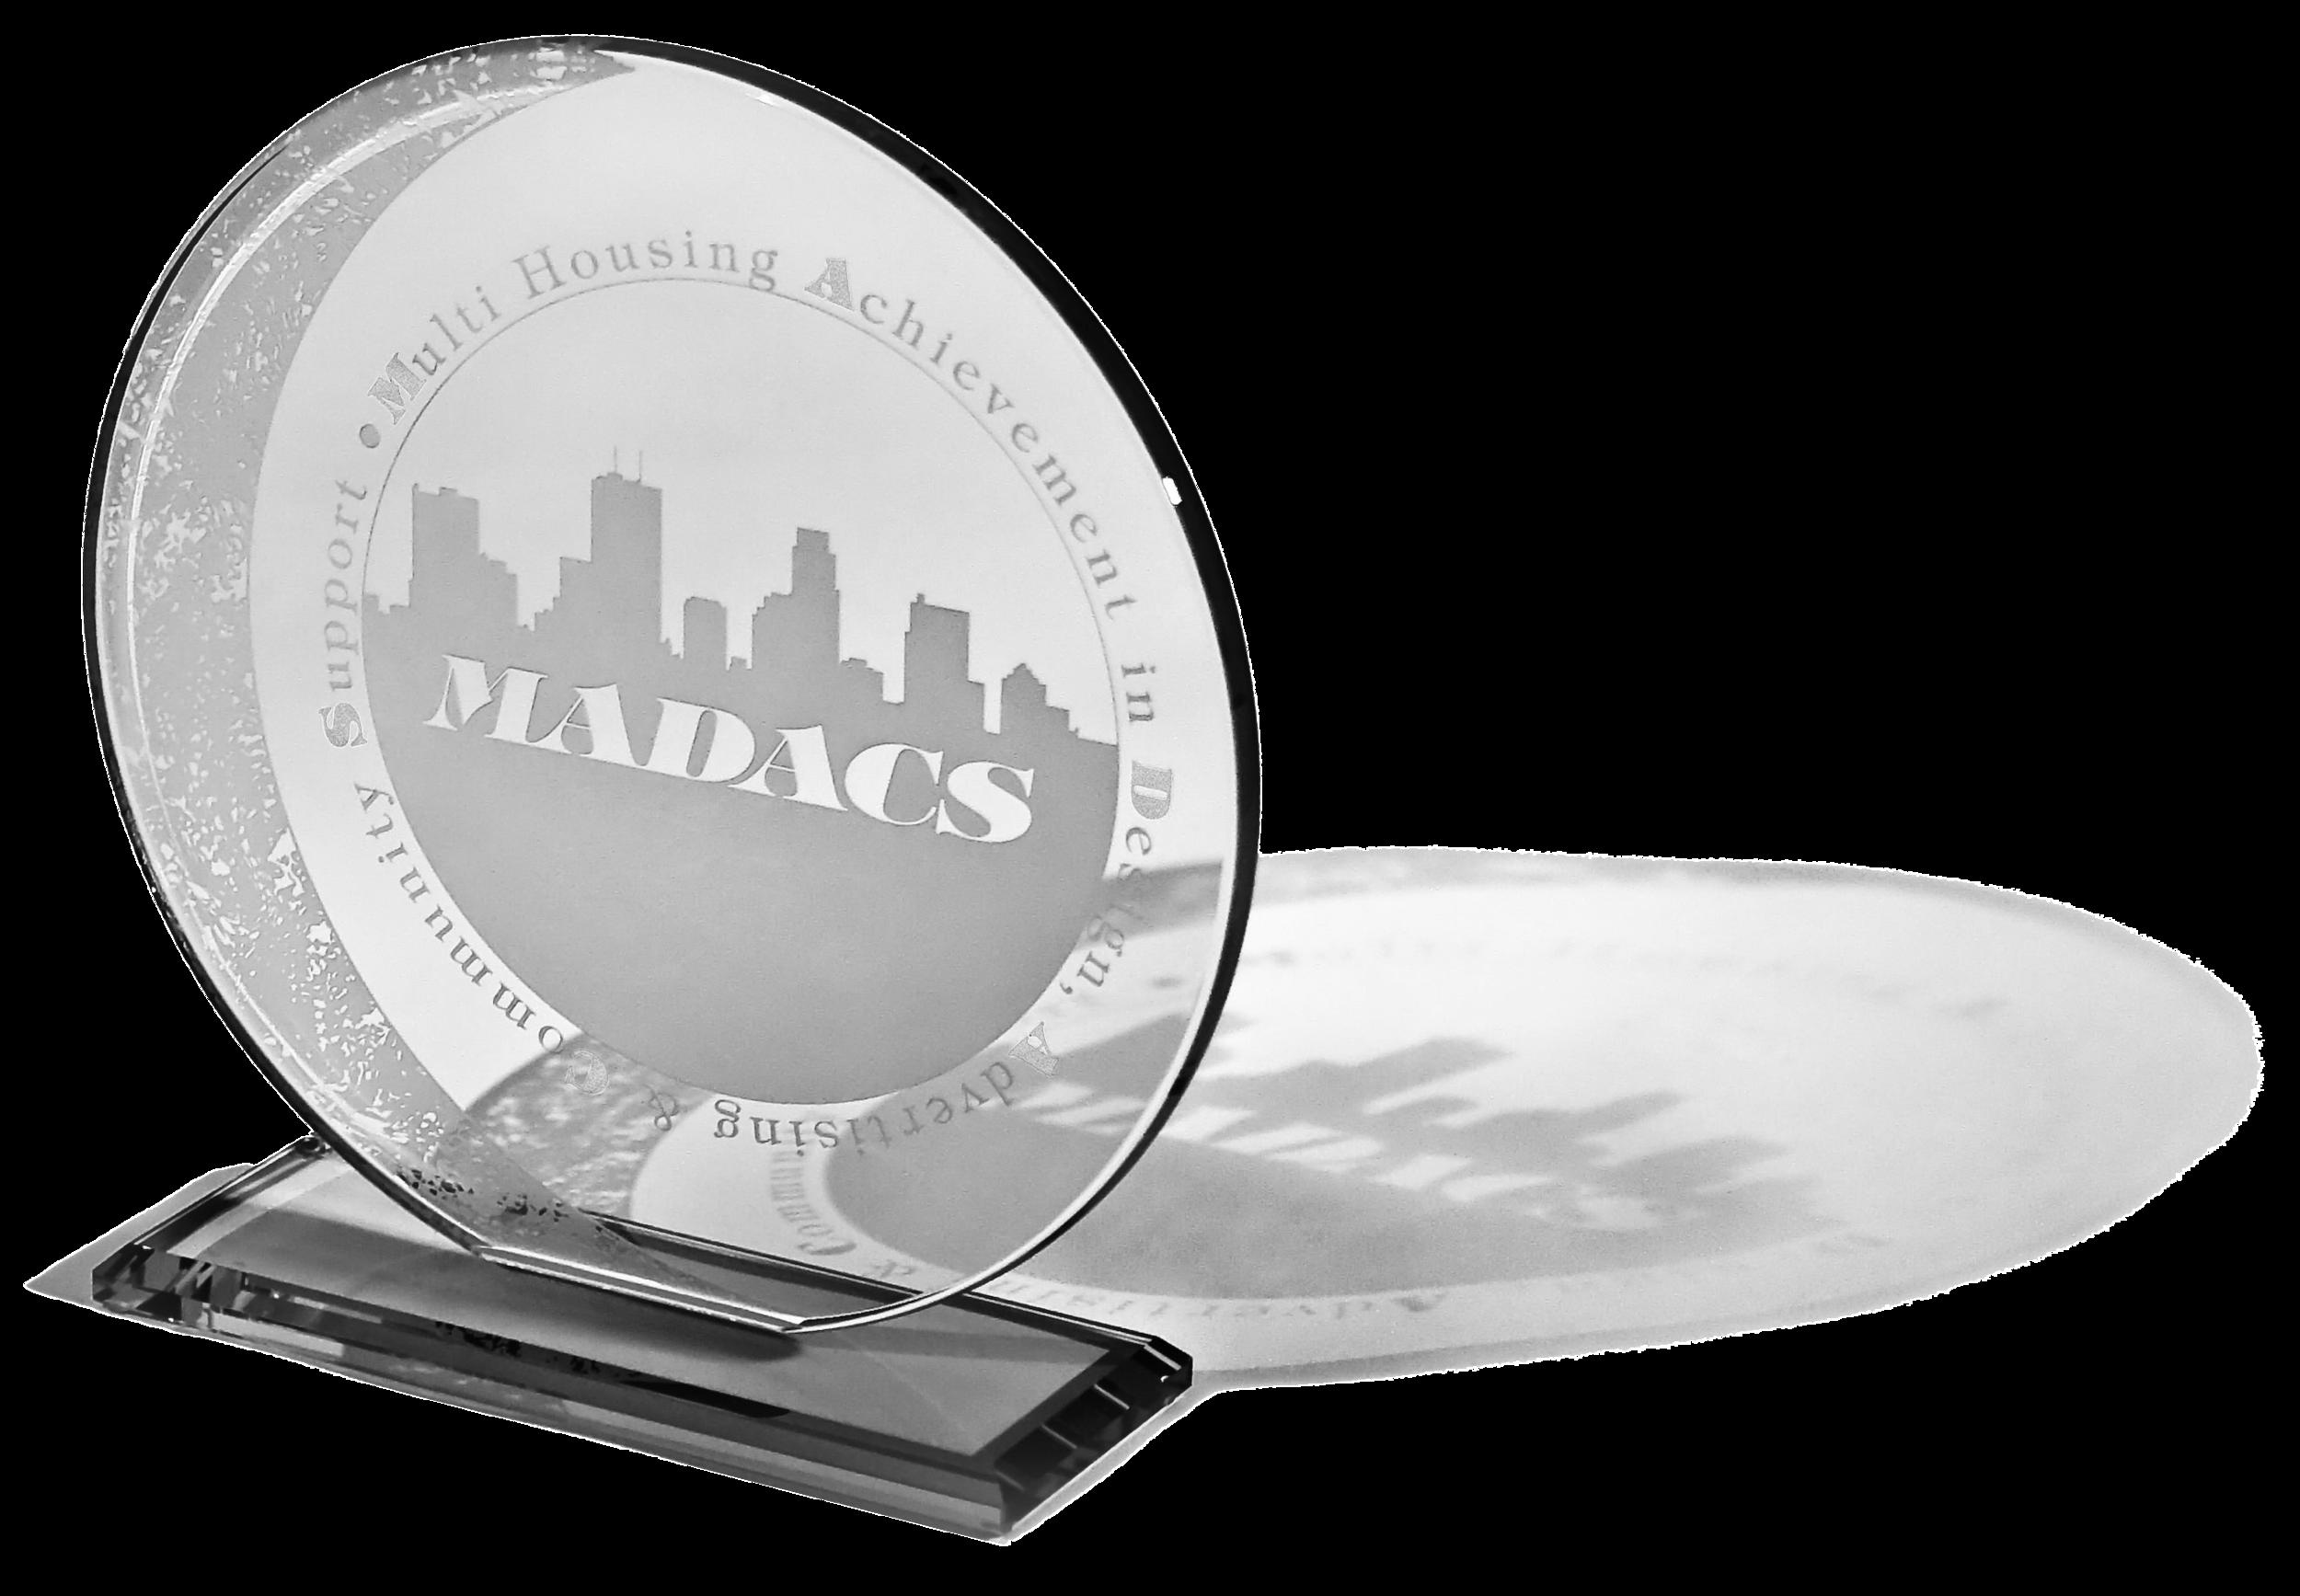 Madacs Award Image.png